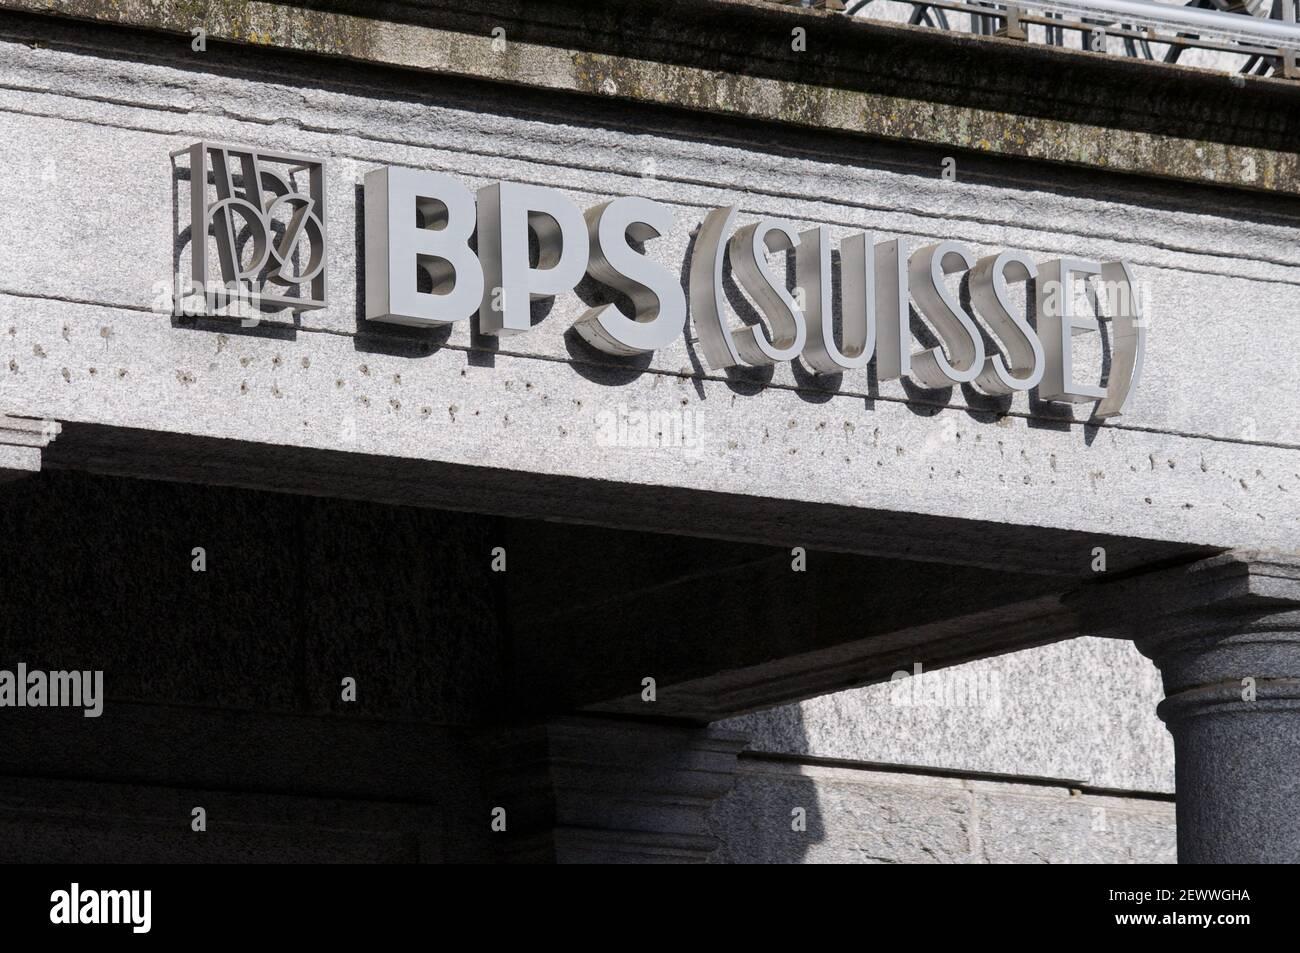 33+ Banca popolare di sondrio svizzera ideas